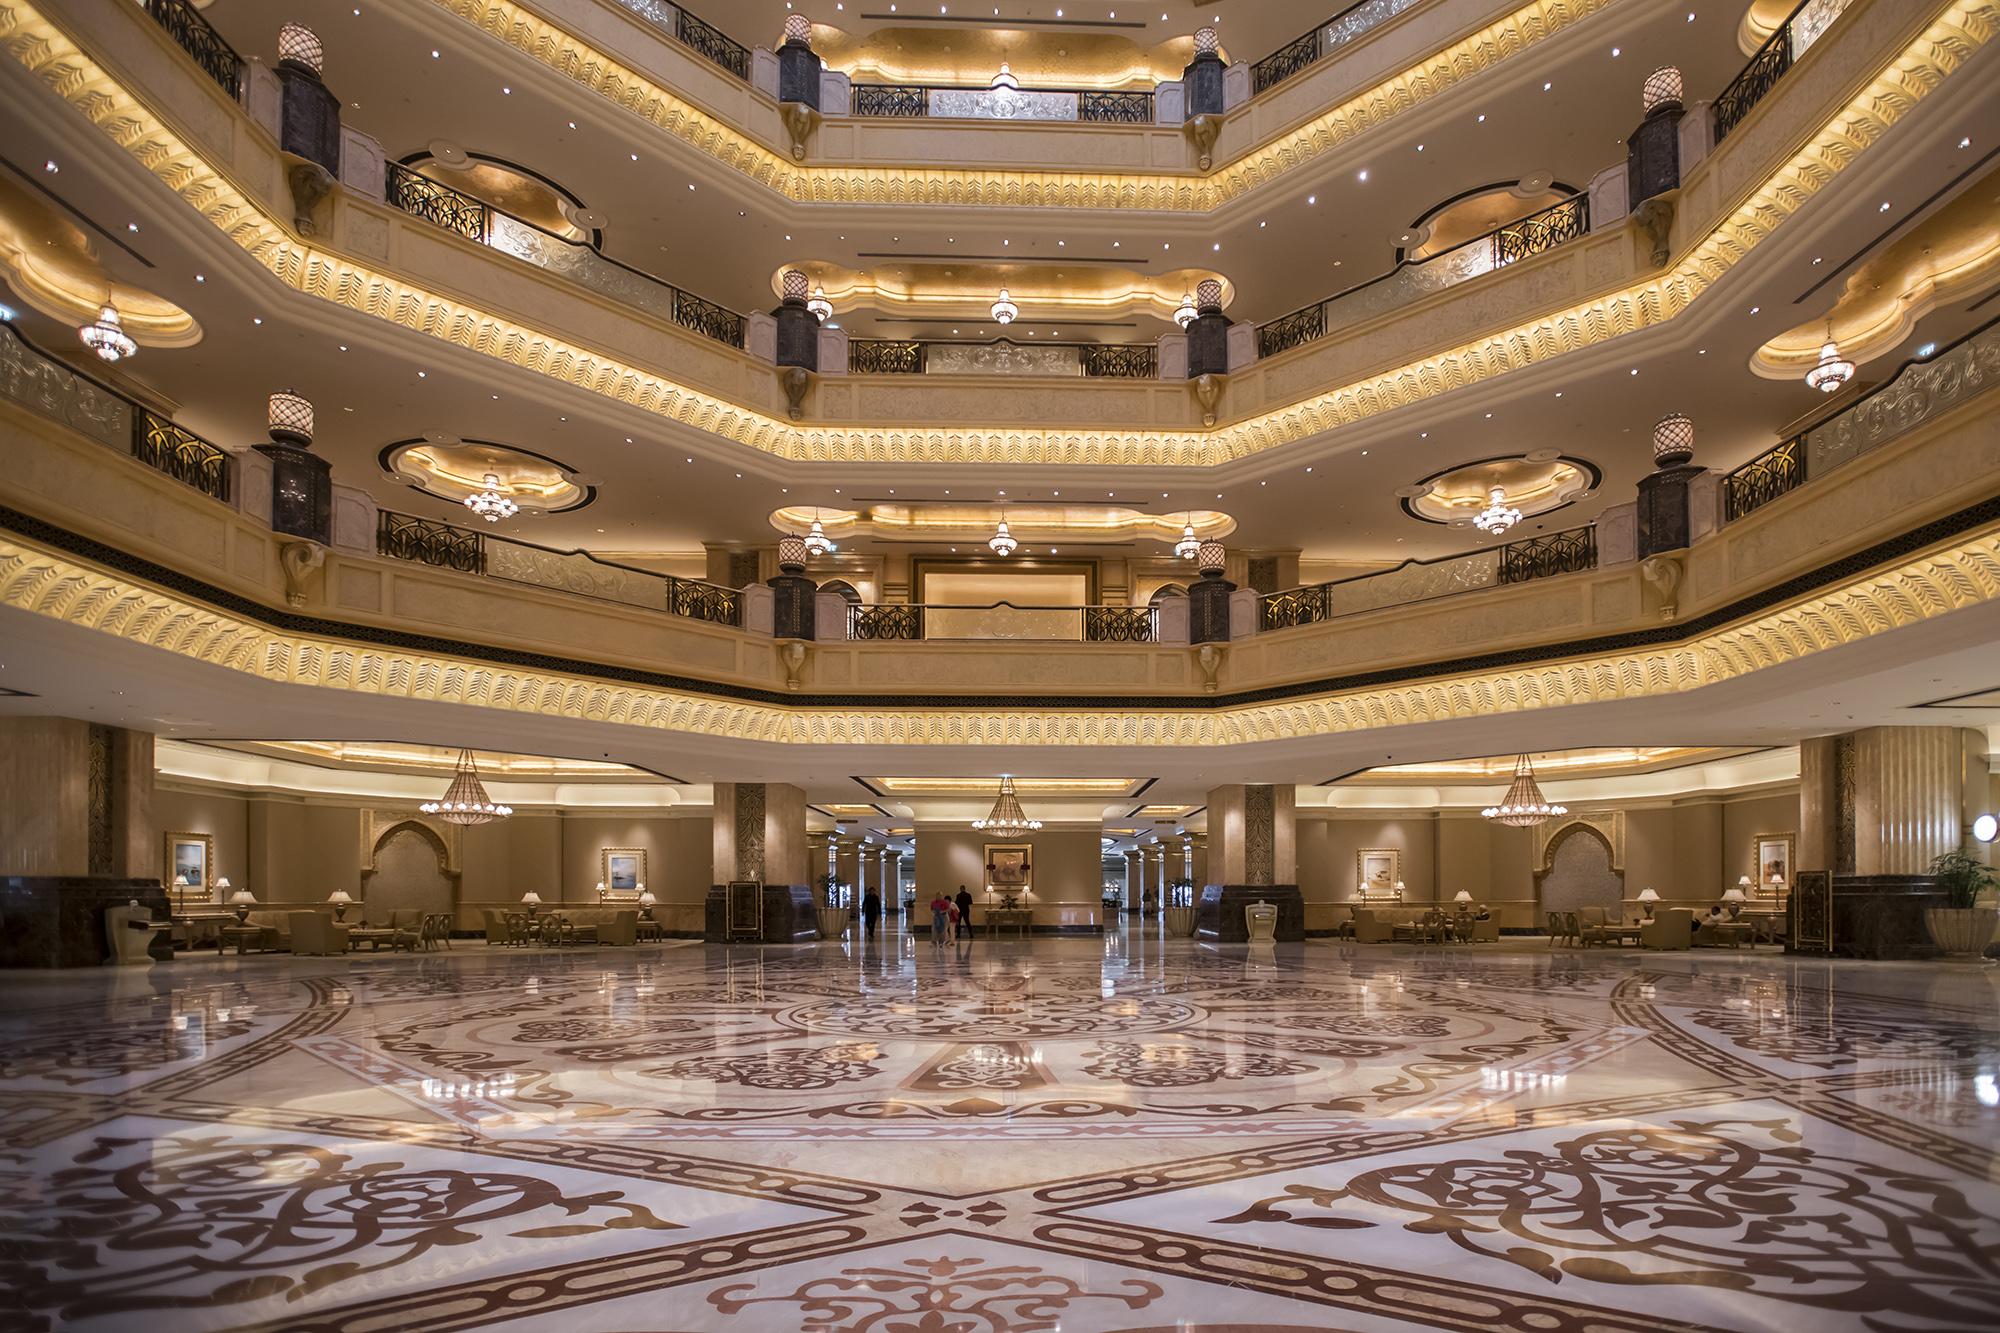 Emirates Palace Hotel, United Arab Emirates